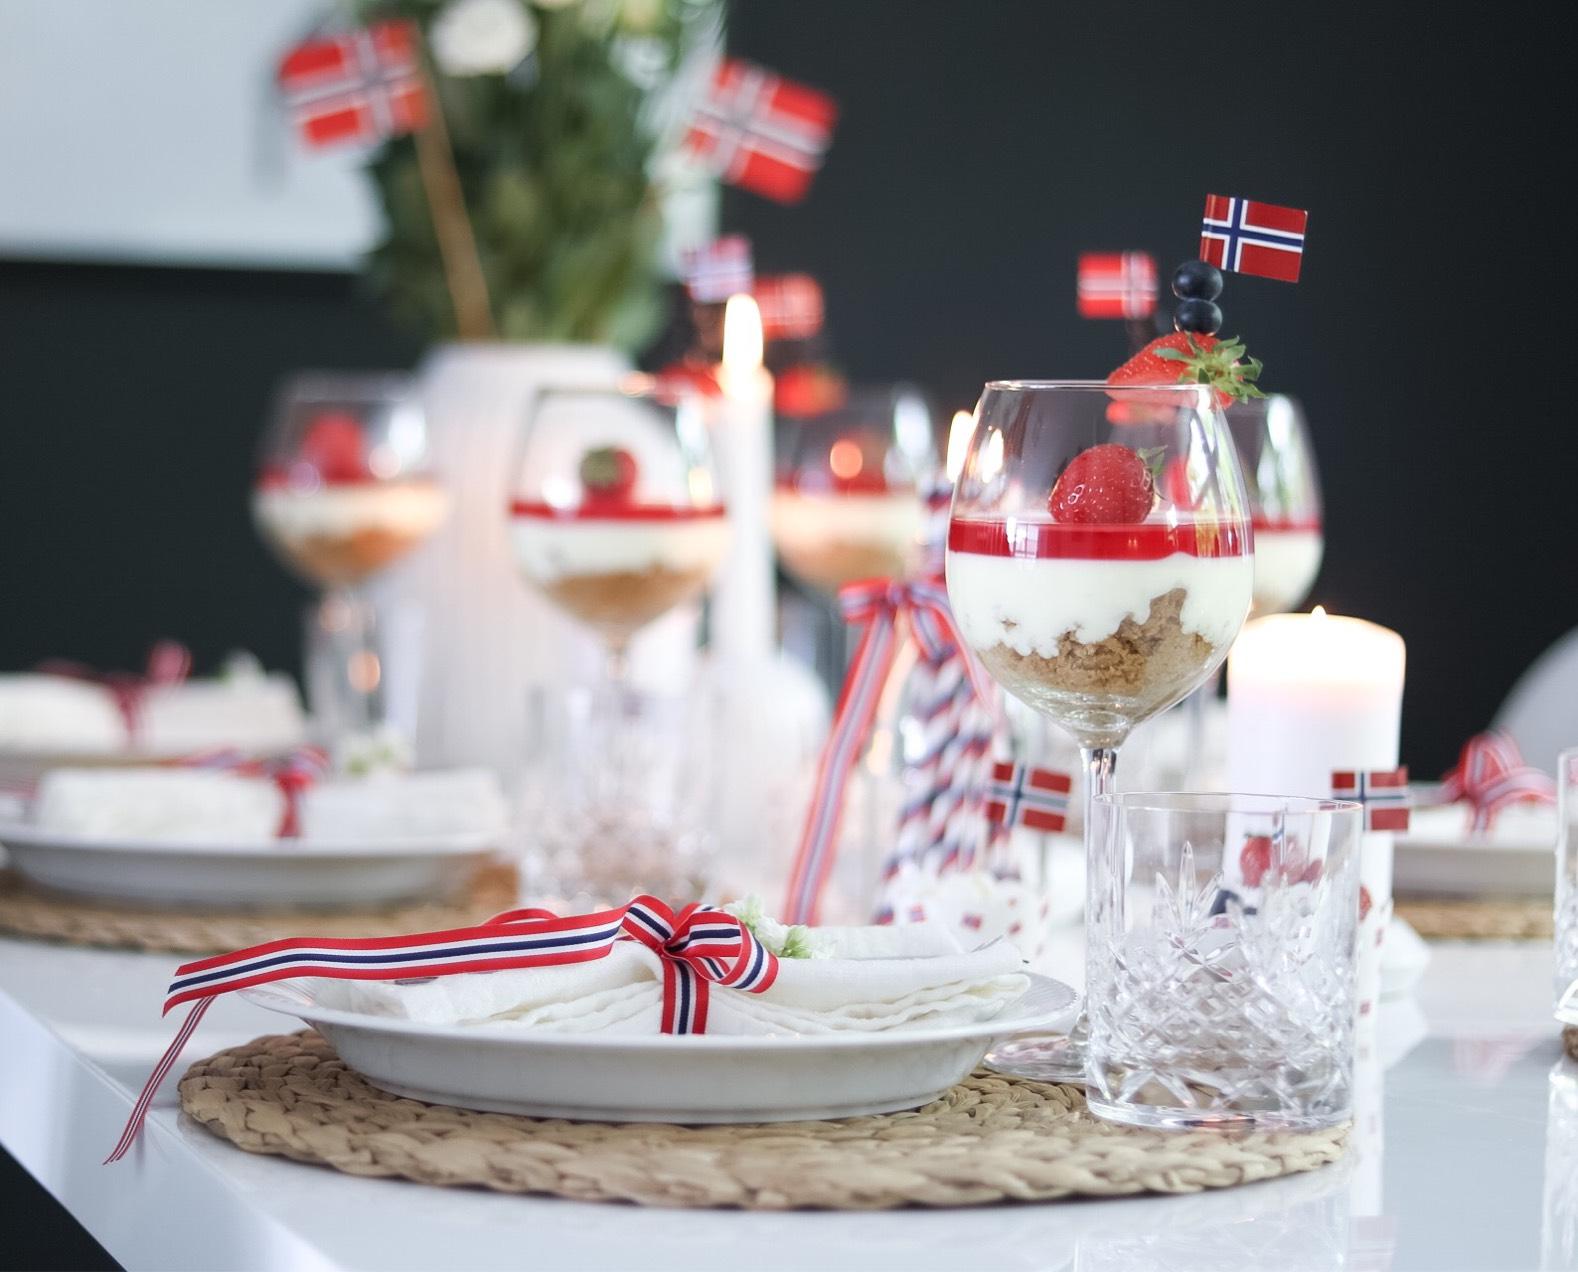 Ostekake i glass - Oppskrift • HVITELINJER  BLOGG